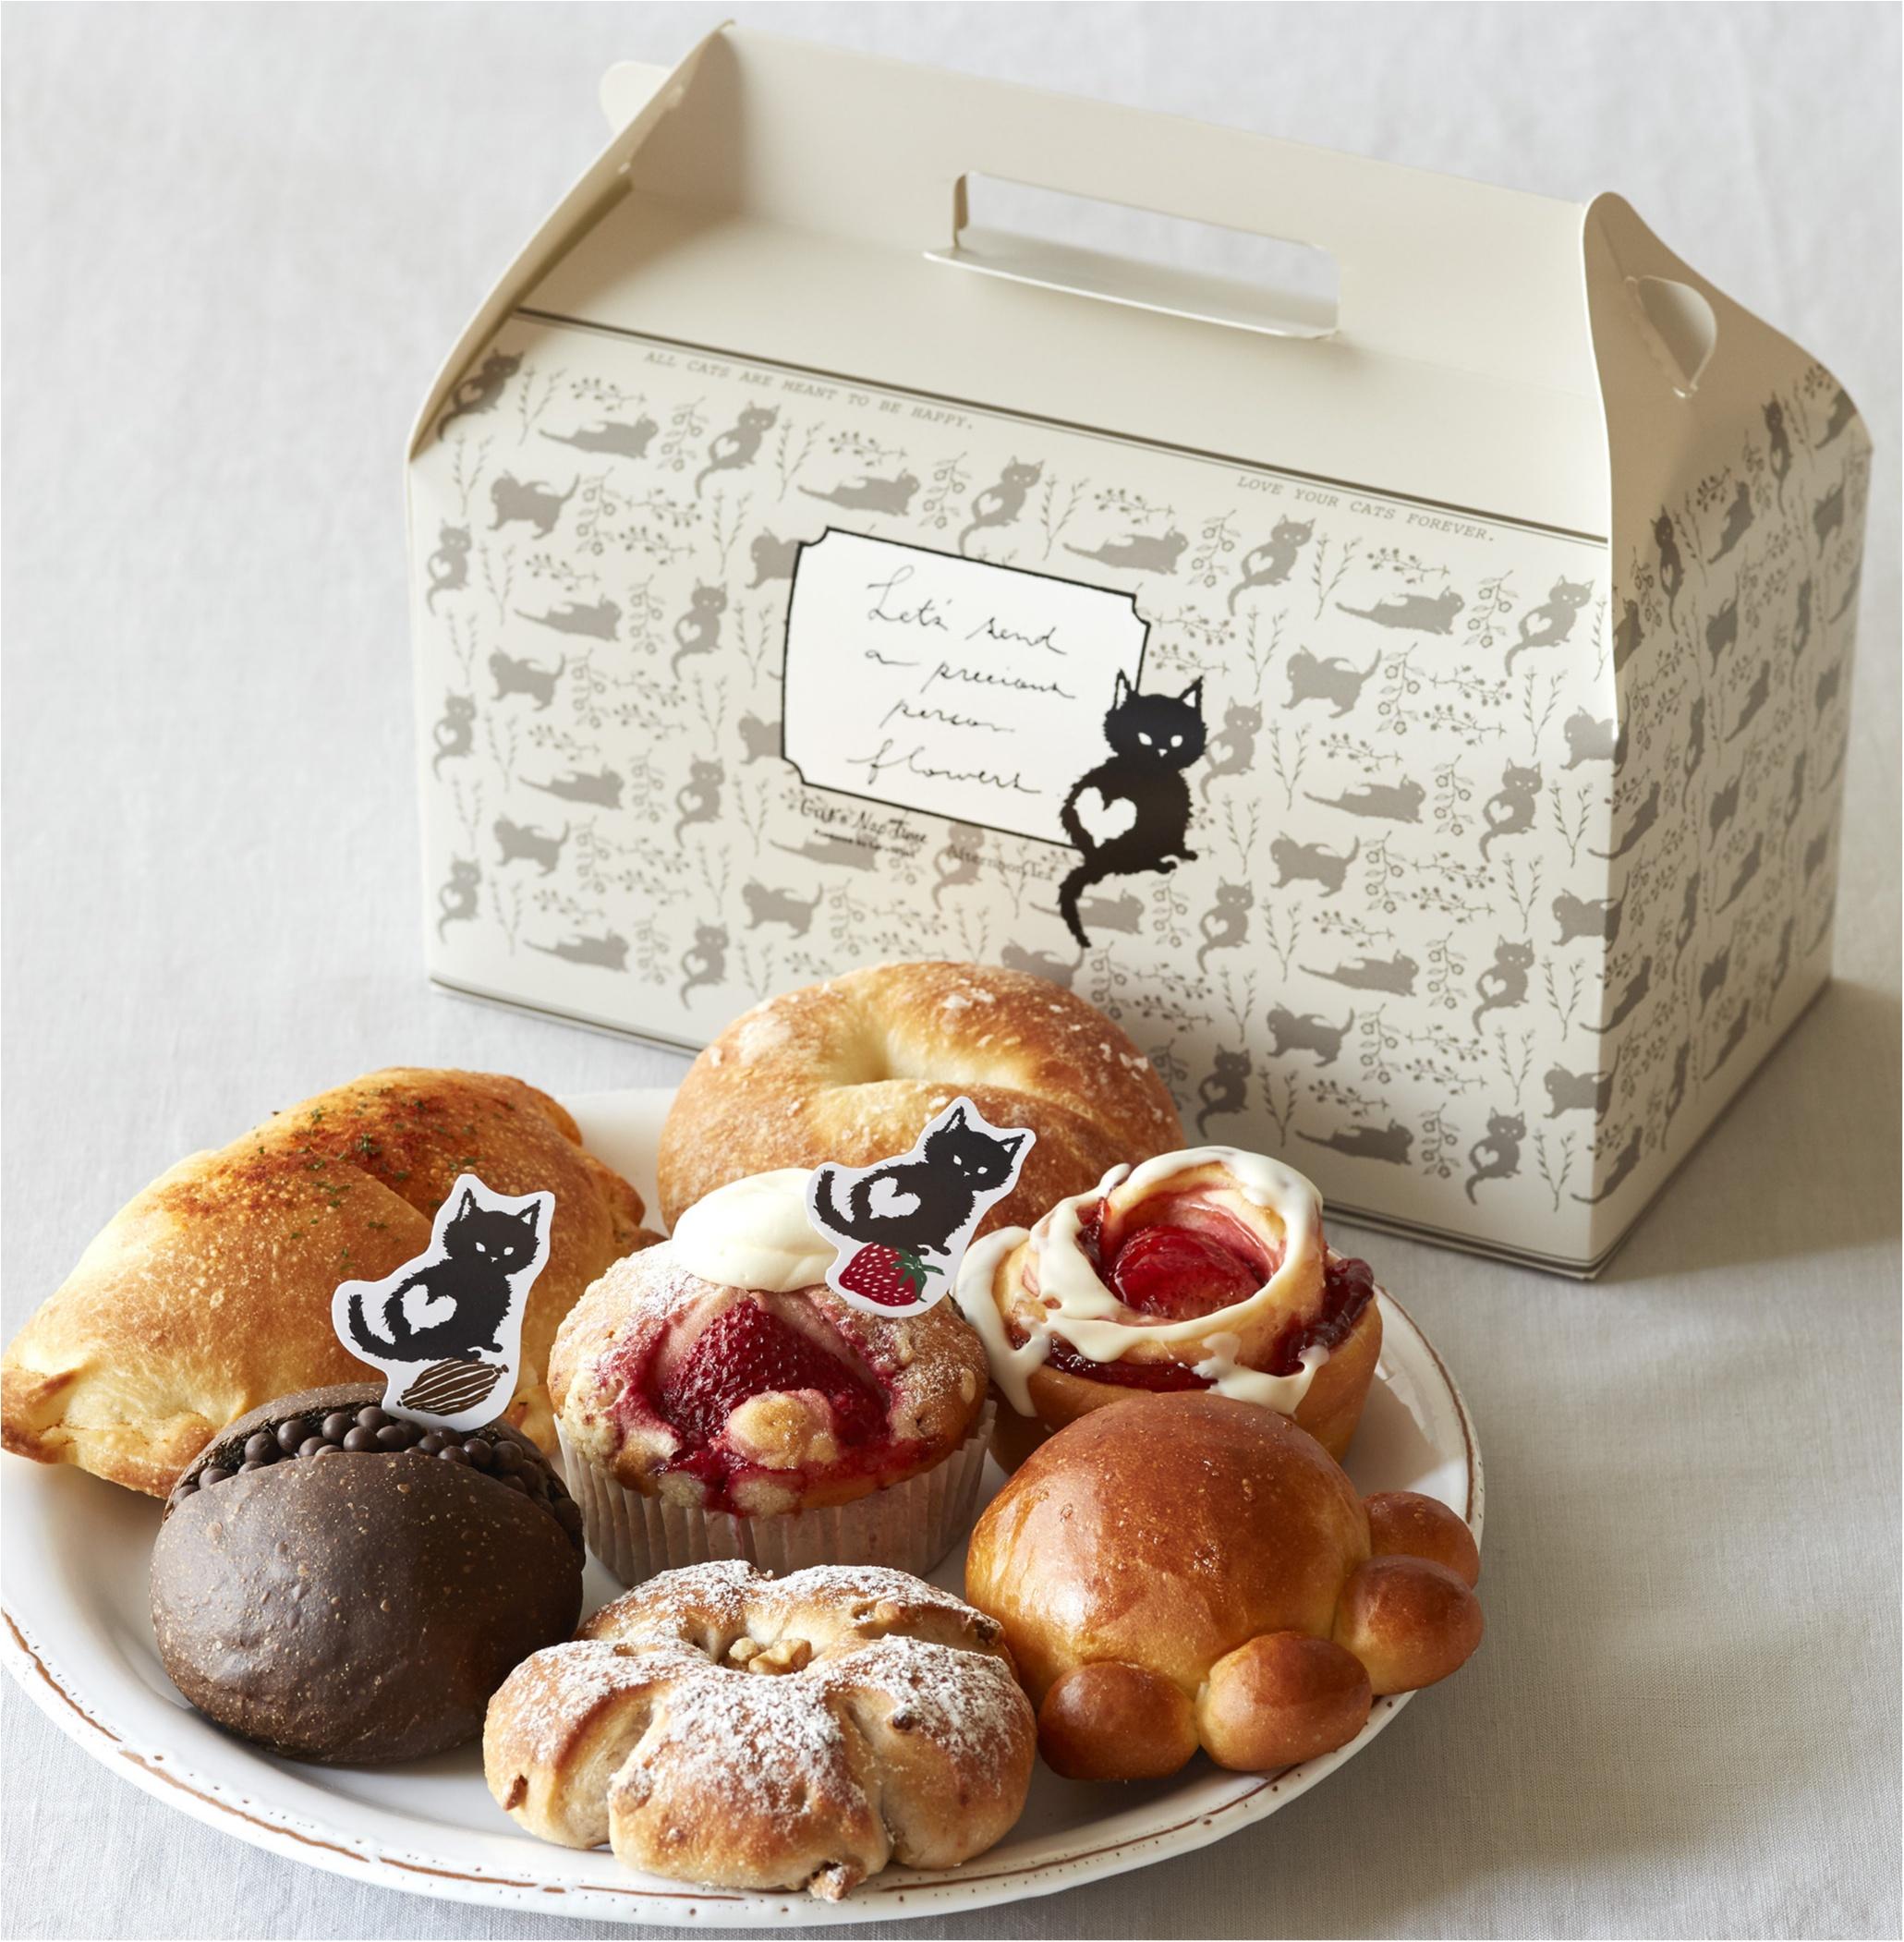 【2月22日はネコの日】テーマは「ネコのお花屋さん」♡ 『アフタヌーンティー』にネコのお菓子やパンがいっぱいです!_1_4